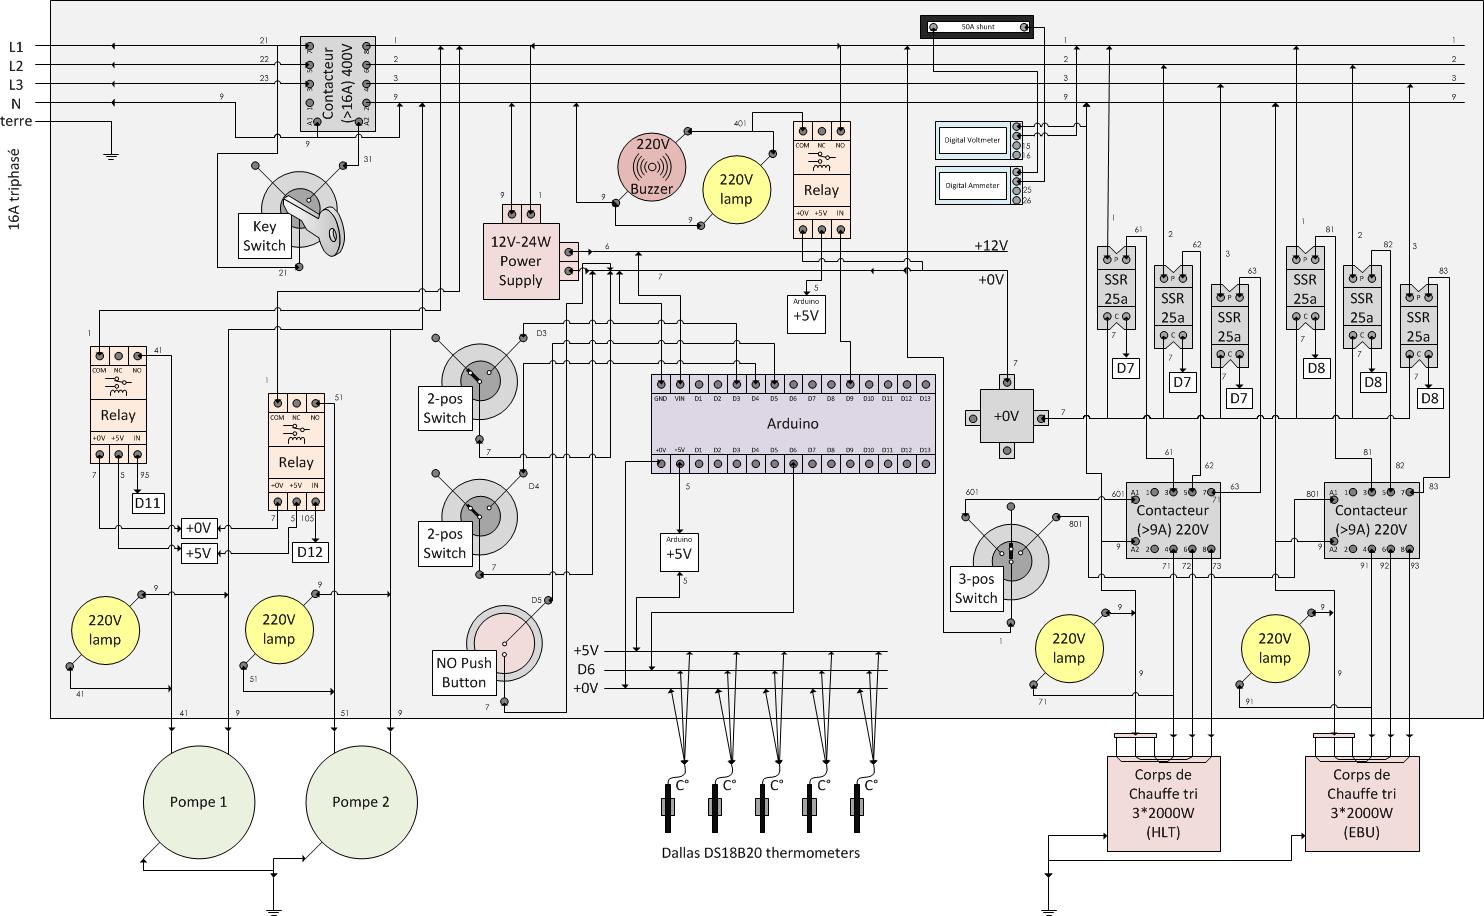 ElectricalSchema